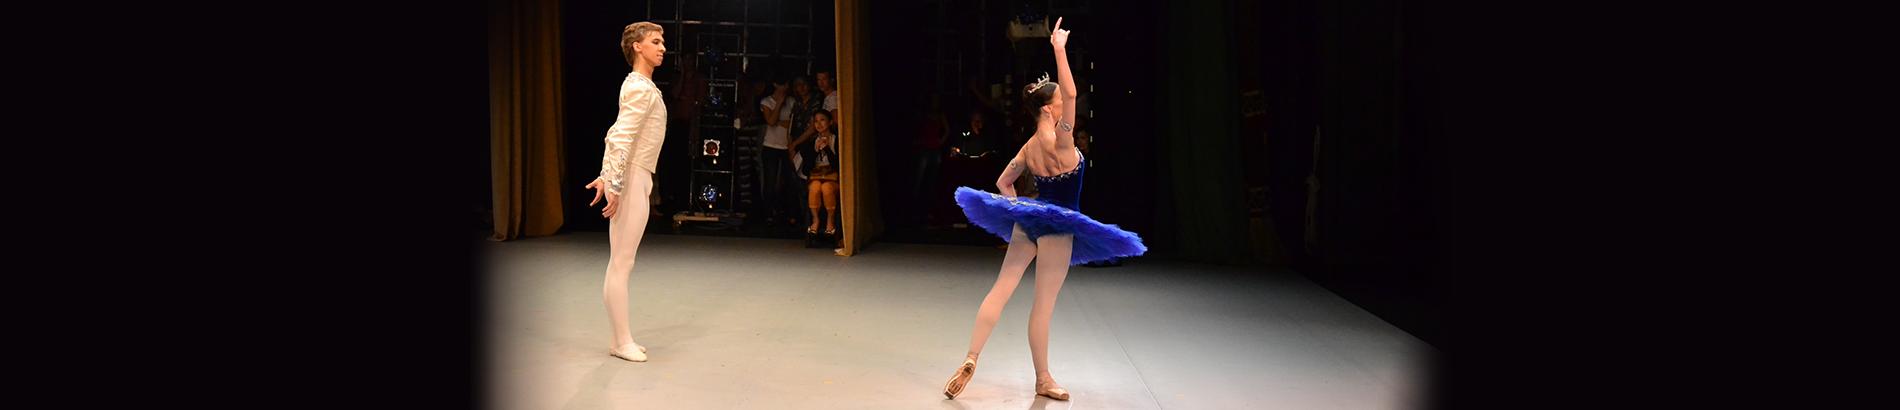 XIII Concours international de ballet de Moscou : Cérémonie d'ouverture